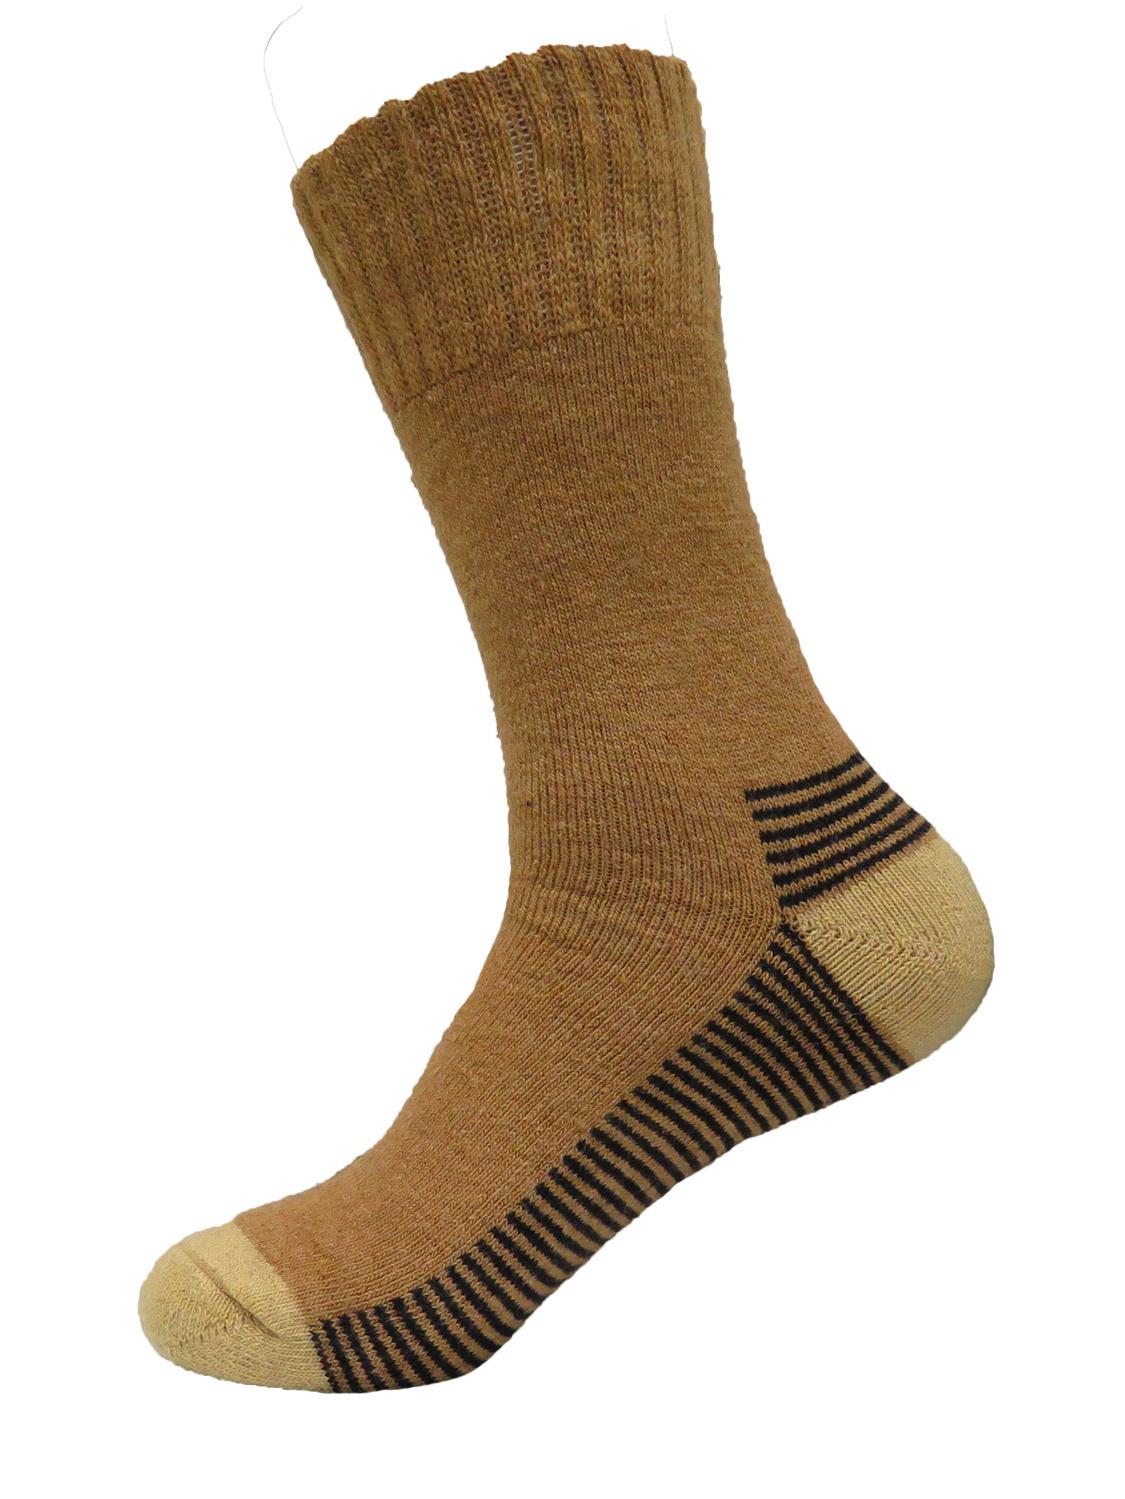 Mens Super Warm Heavy Thermal Merino Wool Winter Socks 10-13 (Pale Brown)